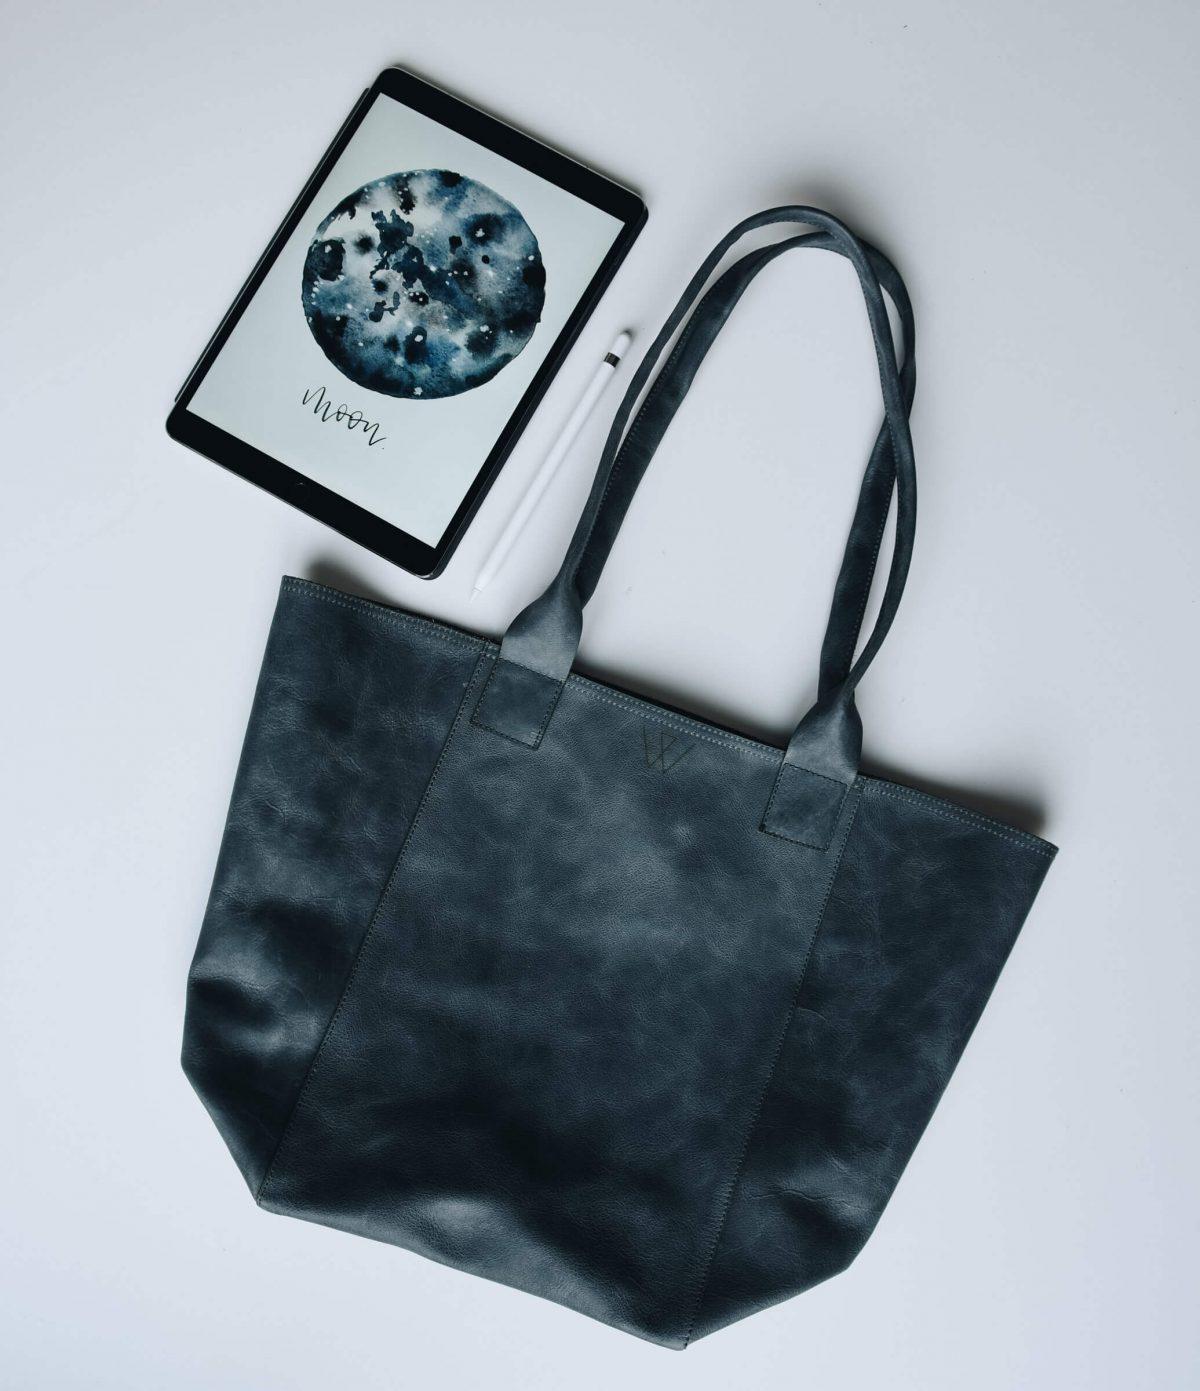 Shopping Bag | Tasche | Made in Germany | Ledertasche | Reisetasche | Tasche aus Leder | schlicht | Dandtasche Leder | Handtasche kaufen | blau | Blaugrau | hochwertig | gute Qualität